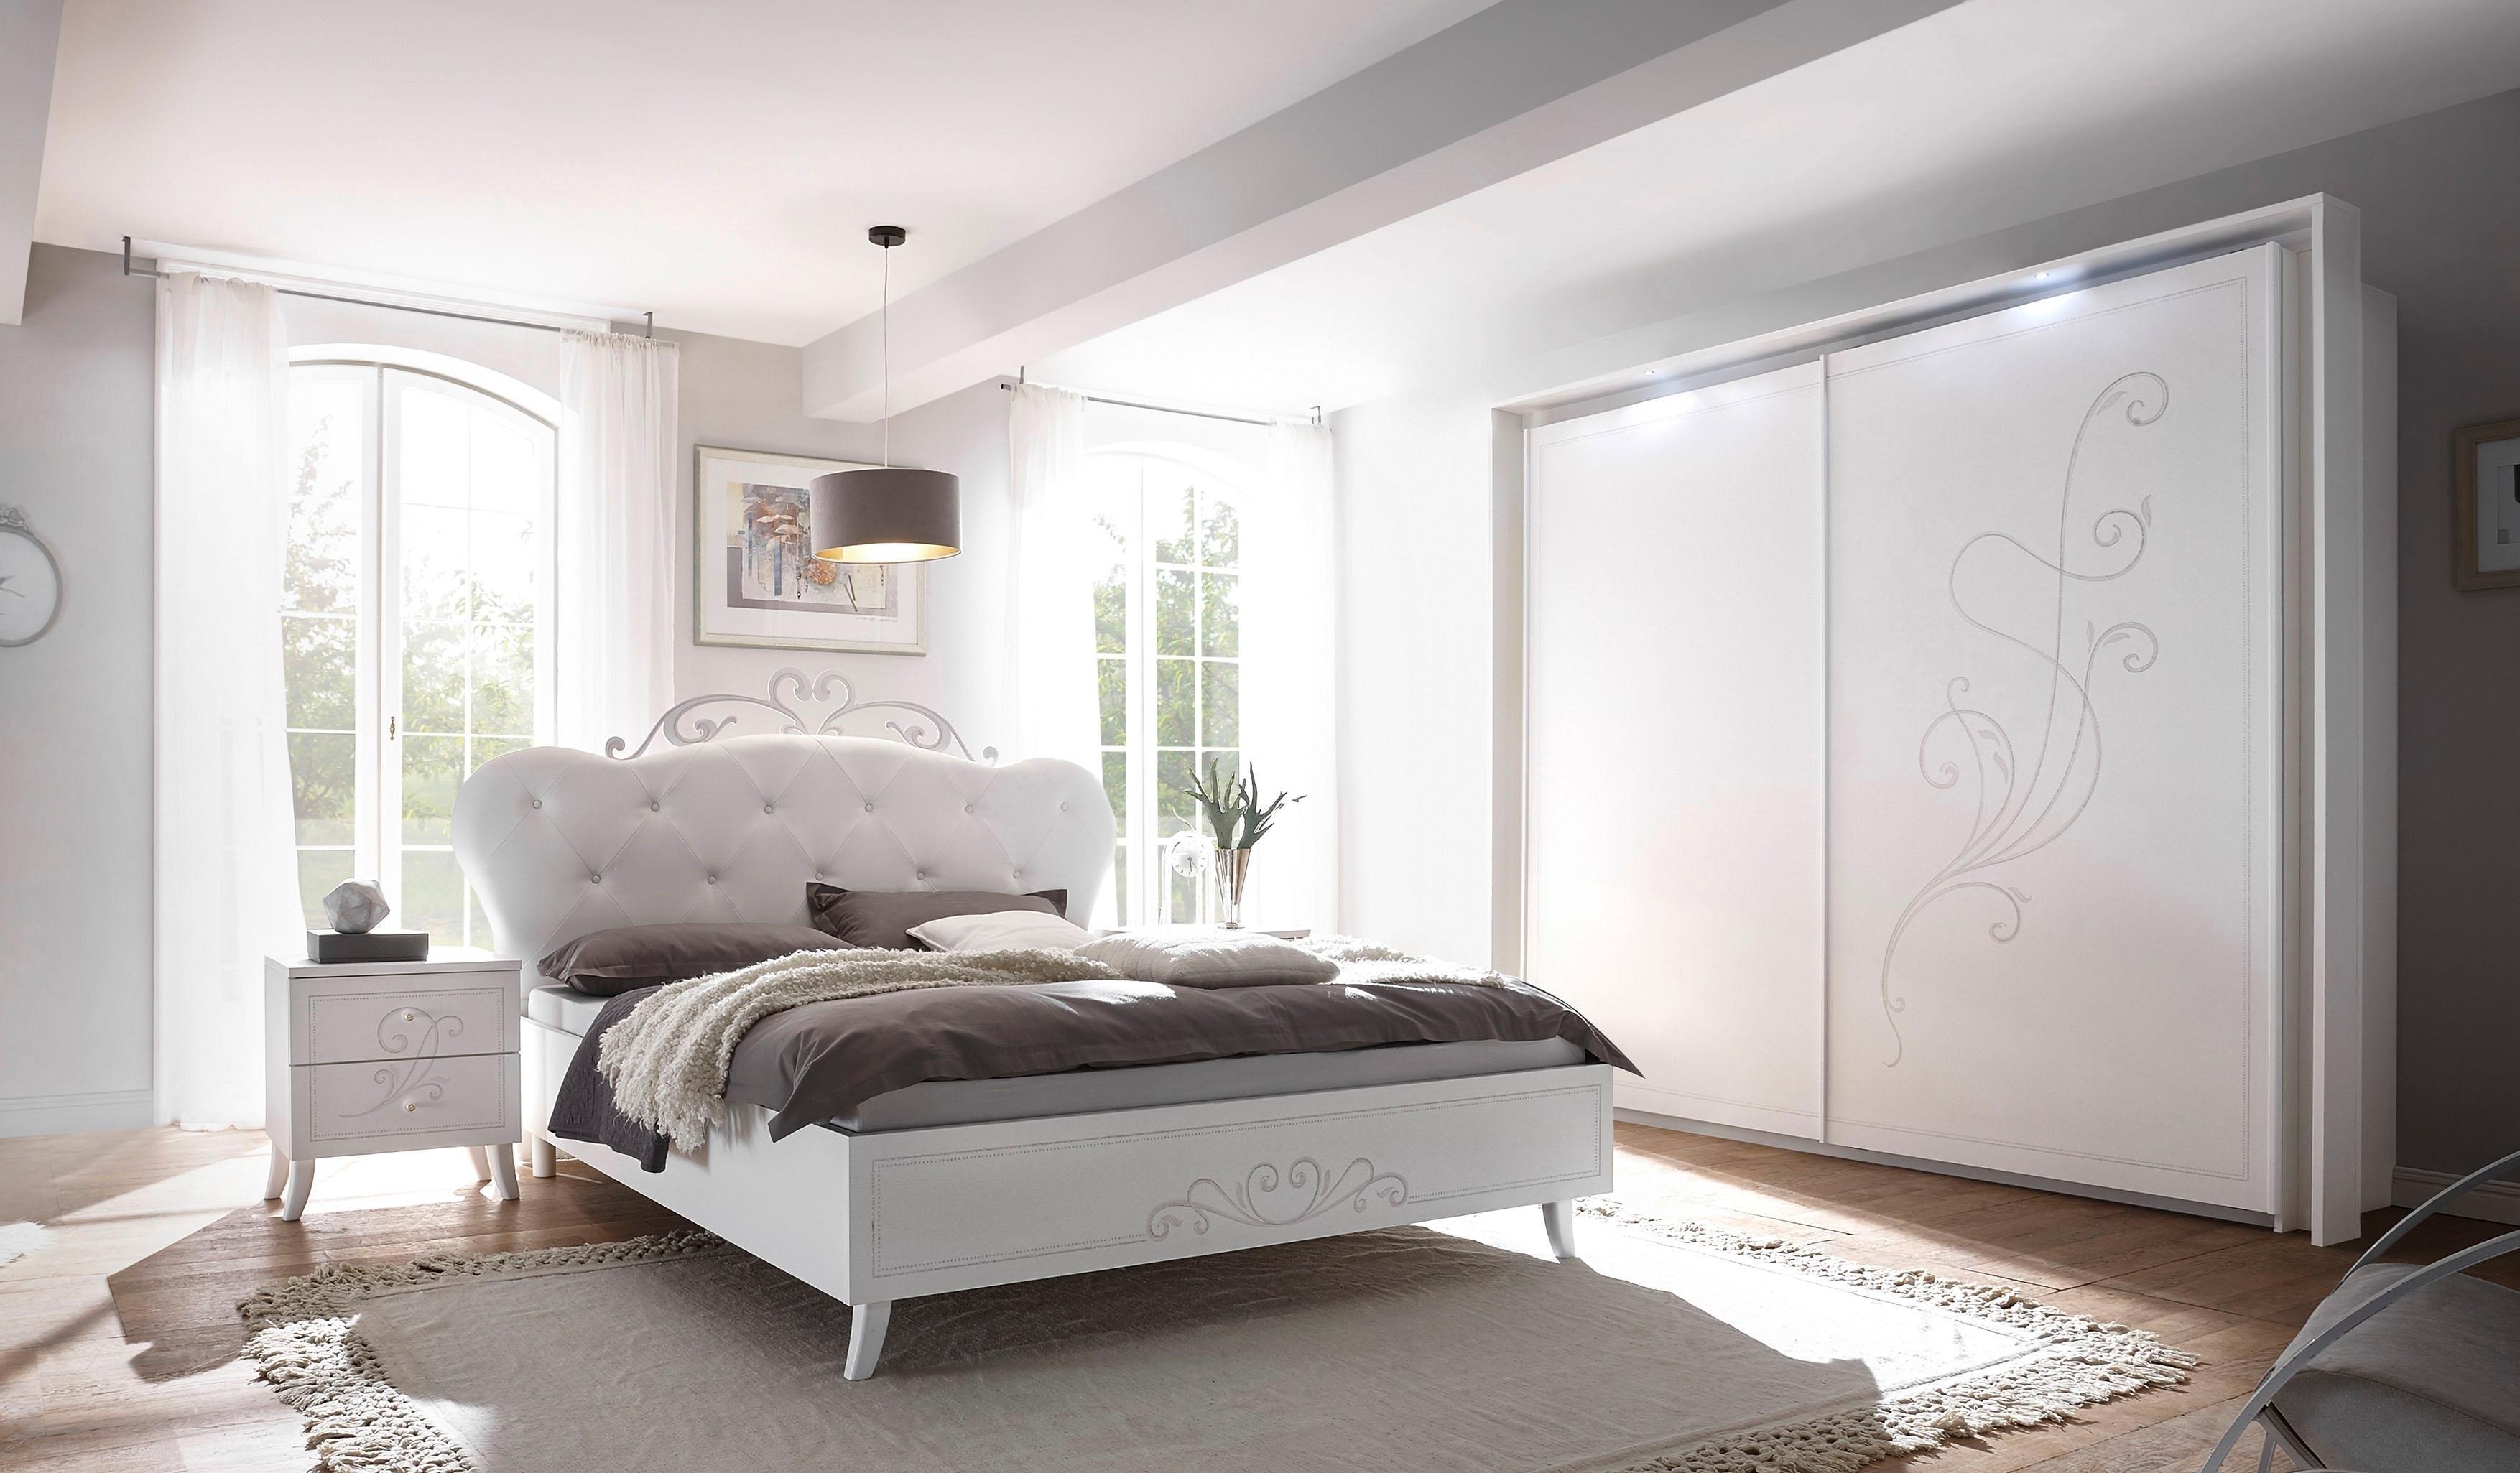 LC slaapkamerserie (set, 4 stuks) bestellen: 30 dagen bedenktijd